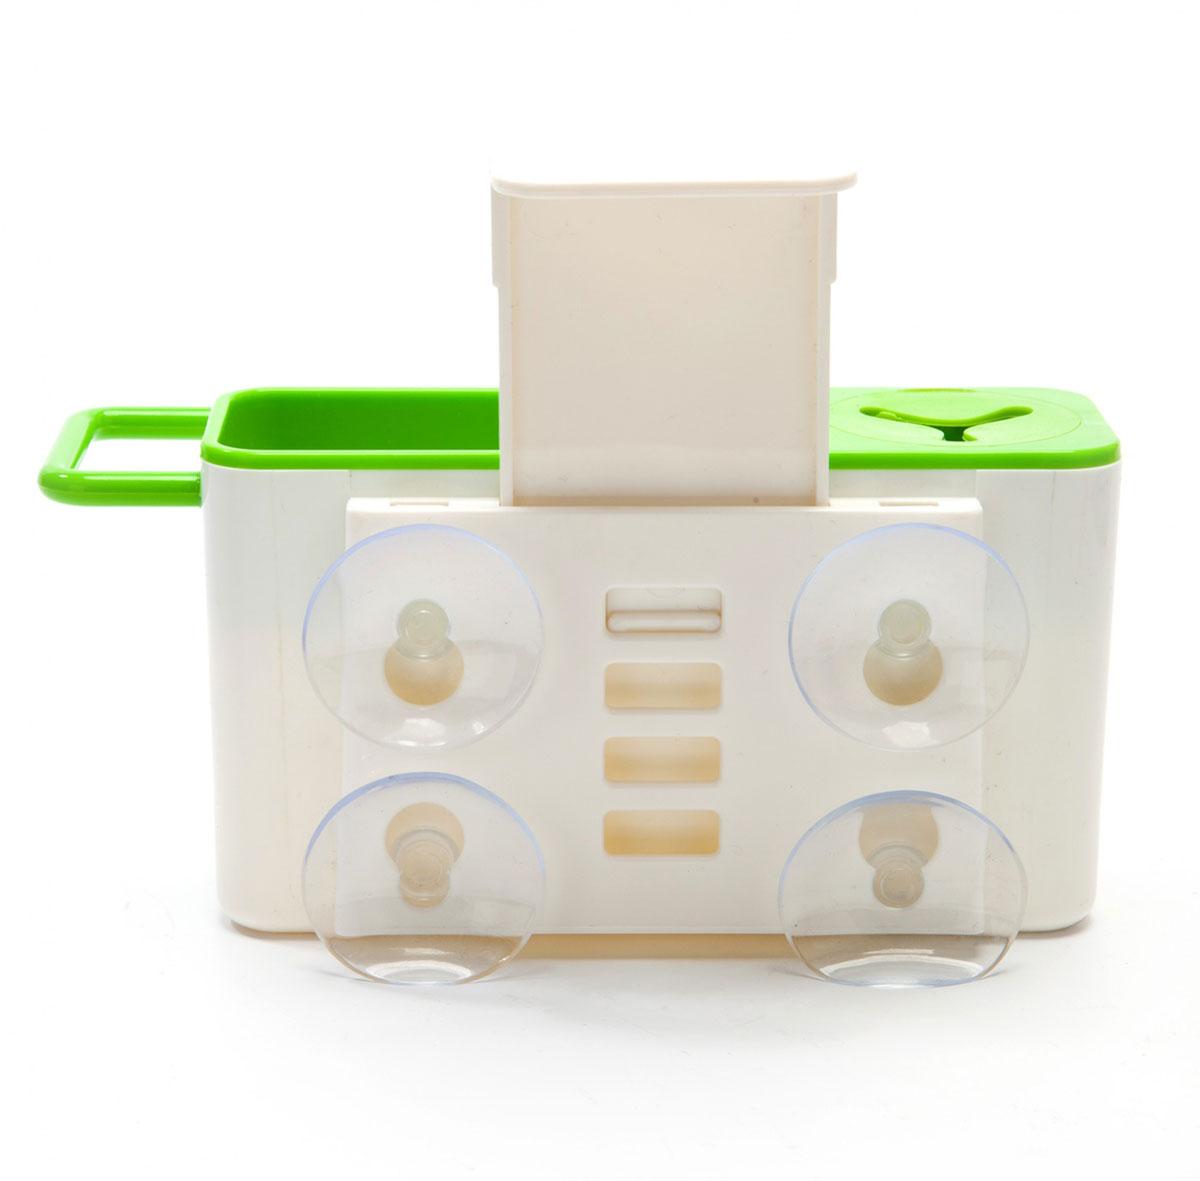 Органайзер для раковины BradexRG-D31SОрганайзер для раковины Bradex - это удобное и вместительное приспособление для хранения различных принадлежностей для мытья посуды и столешниц. Он плотно крепится на стенку раковины при помощи сильных присосок, таким образом, все необходимое для мытья посуды оказывается в одном удобном месте. Органайзер имеет отделение для губок, перекладину для тряпок, а также отверстие для щеток с ручкой. Благодаря особой конструкции дна органайзера излишки воды или мыла не задерживаются в резервуаре, а стекают прямо в раковину. Кроме того, органайзер для раковины легко разбирается и моется.